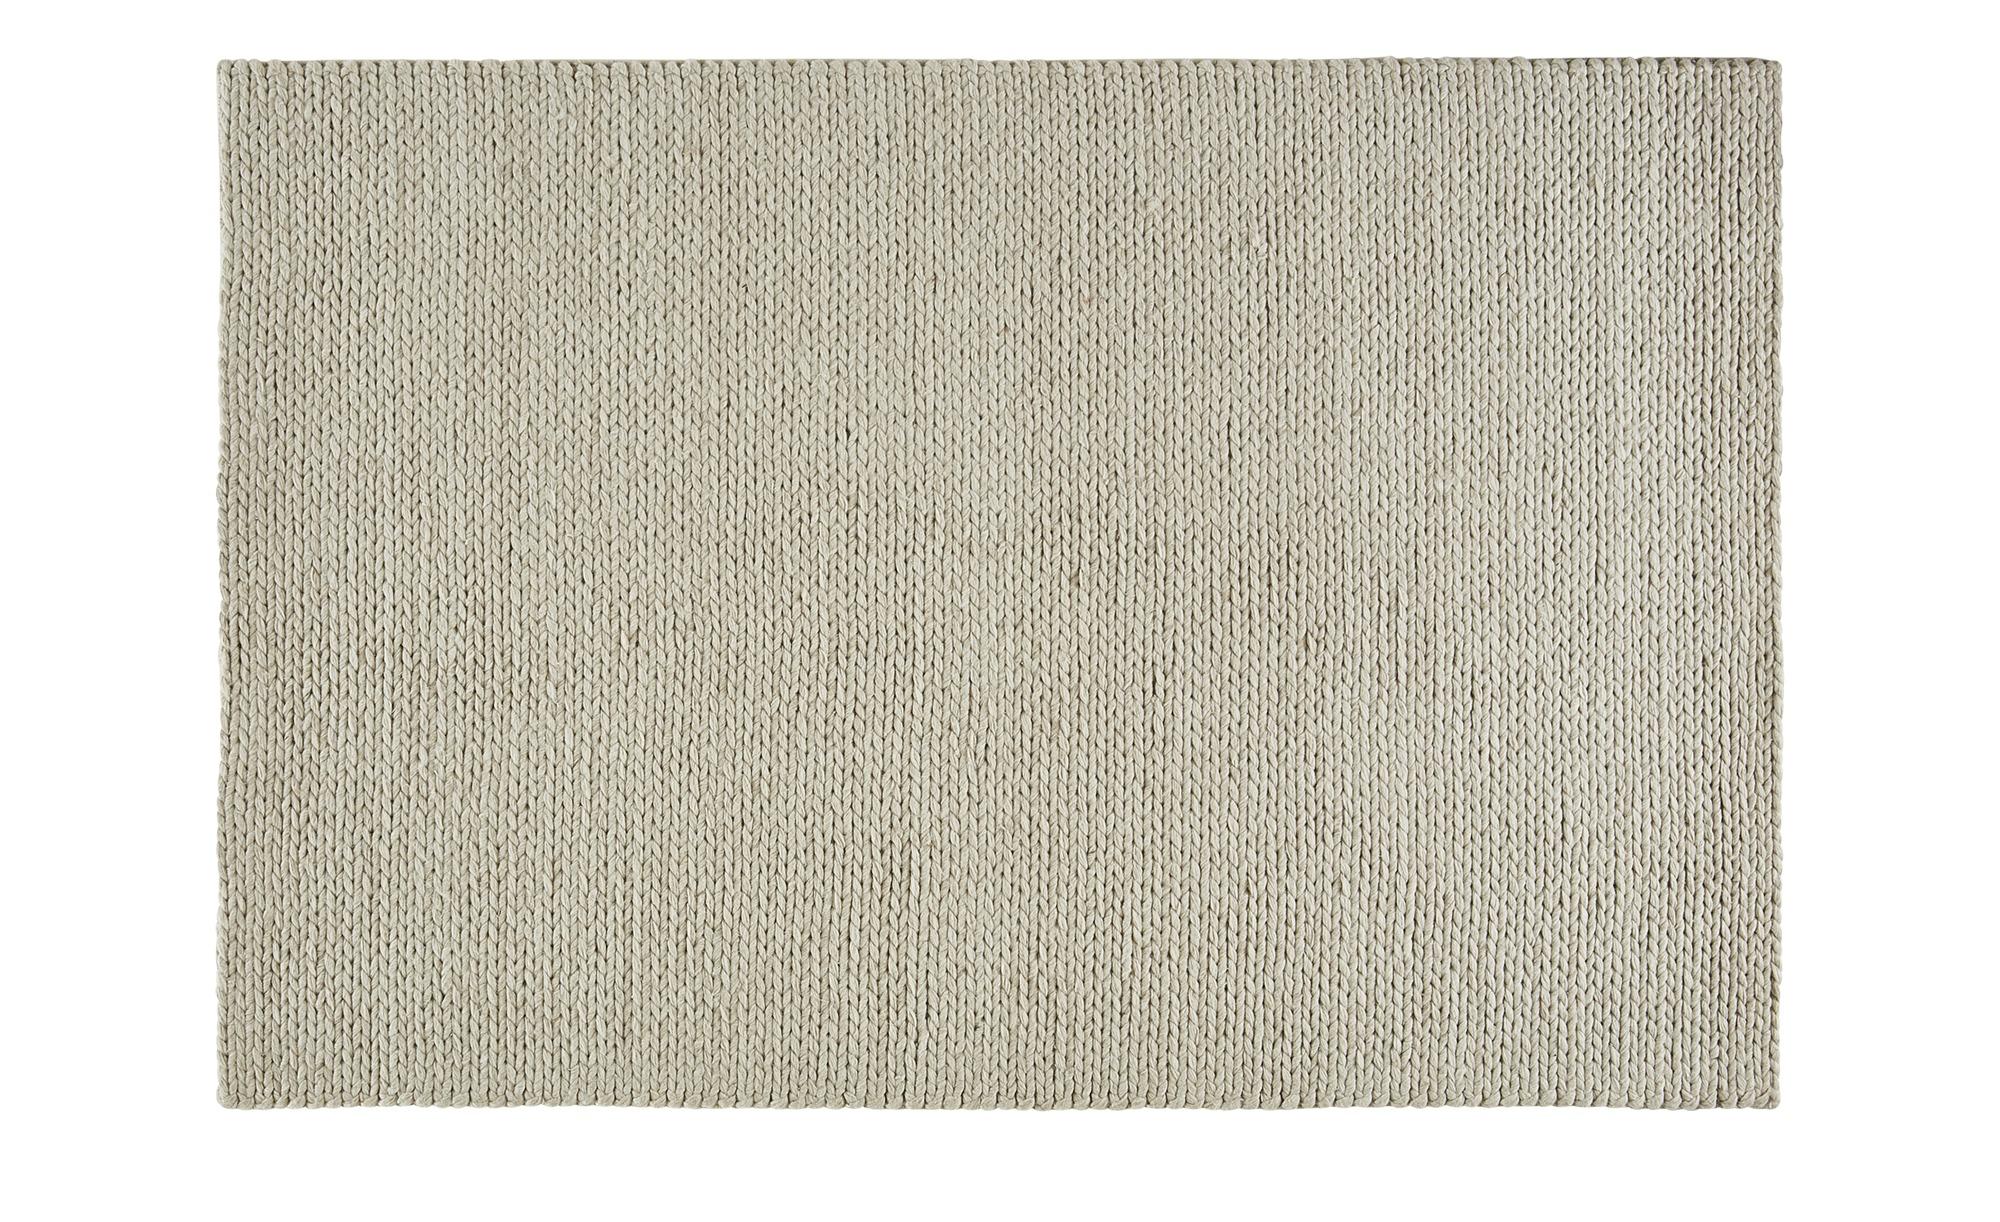 Gray & Jones Handwebteppich ¦ beige ¦ Baumwolle, Wolle, Viskose Teppiche > günstig online kaufen